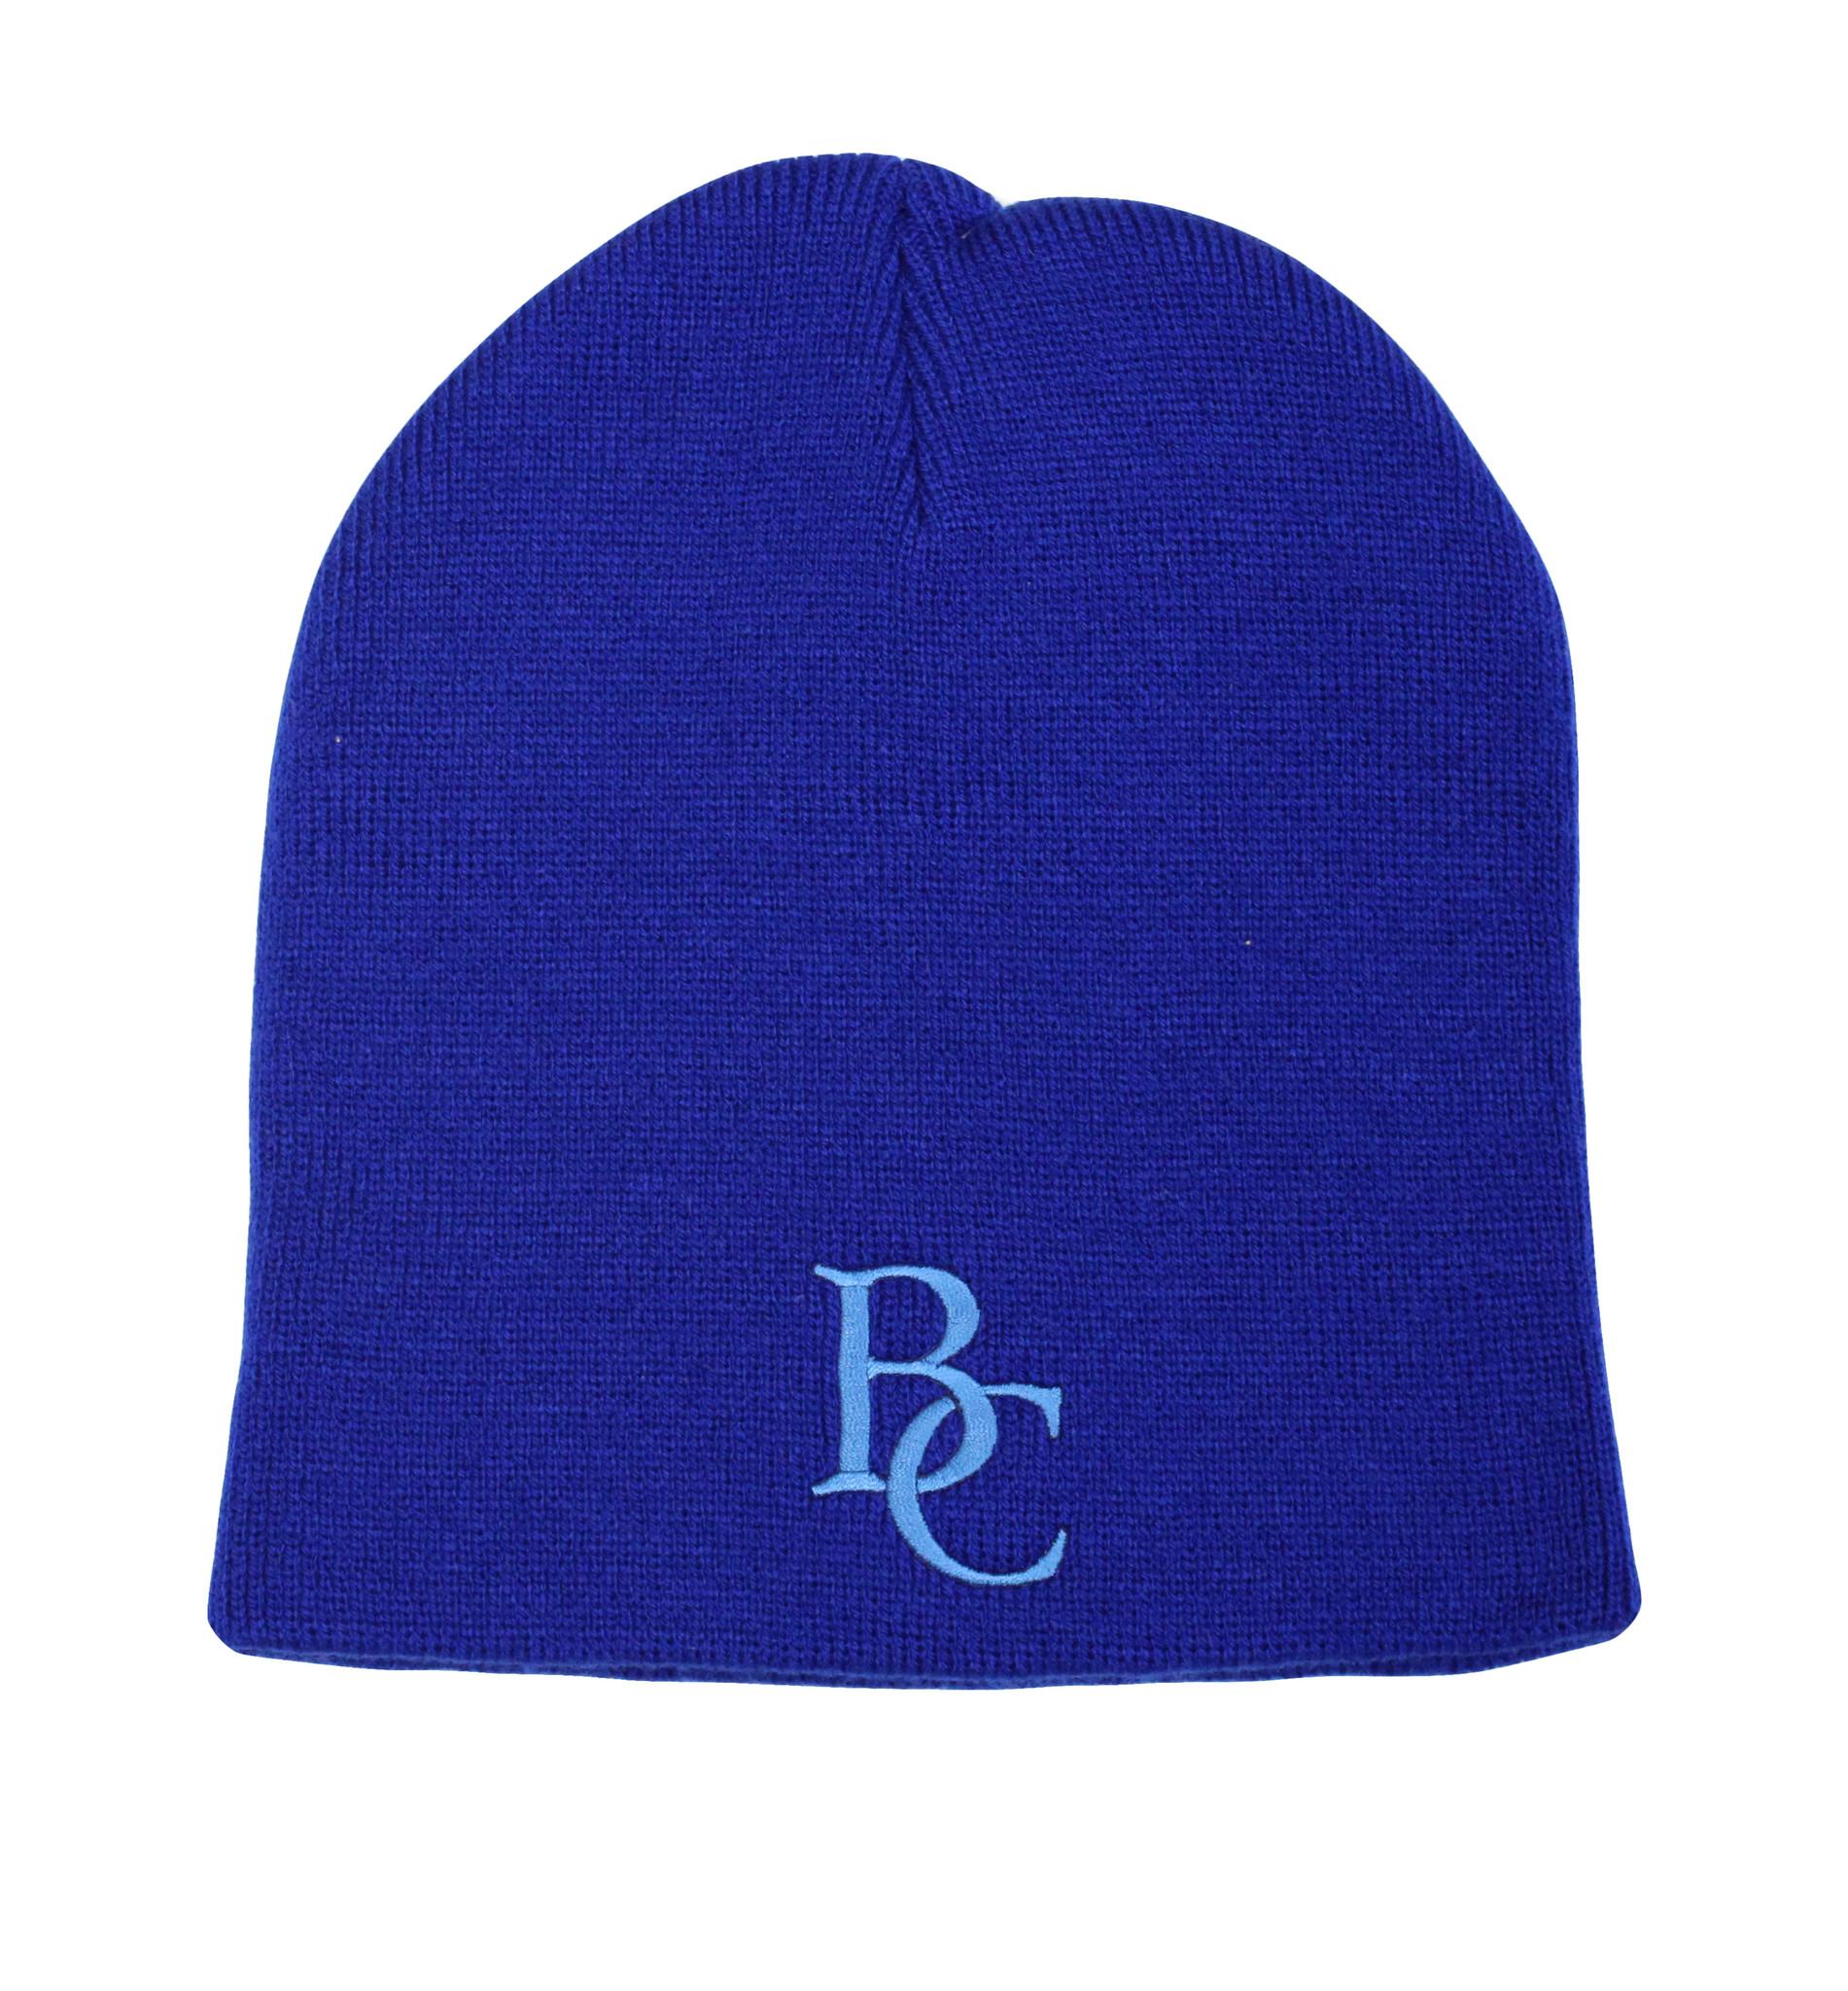 BC Blue Beanie-1